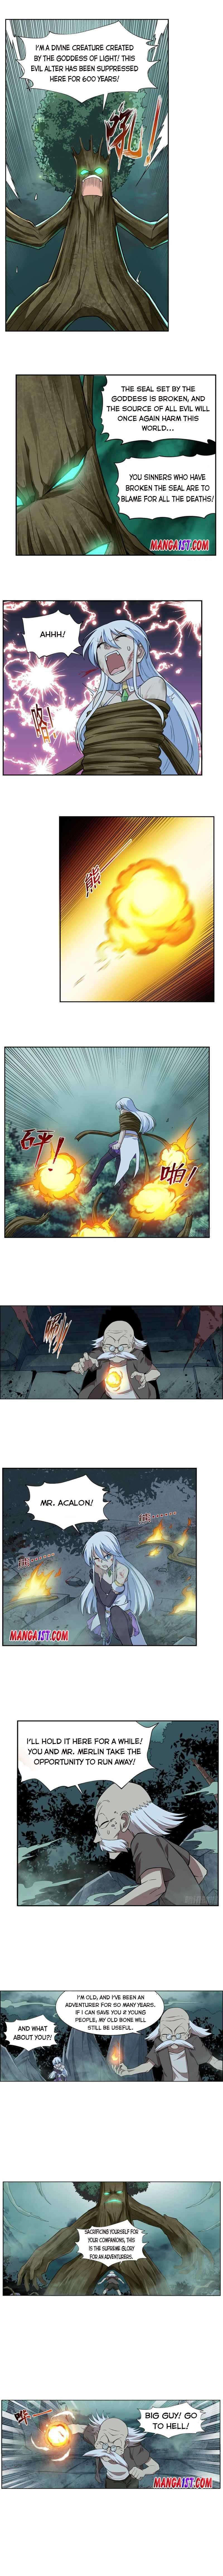 The Demon King Who Lost His Job Chapter 209 page 5 - Mangakakalots.com